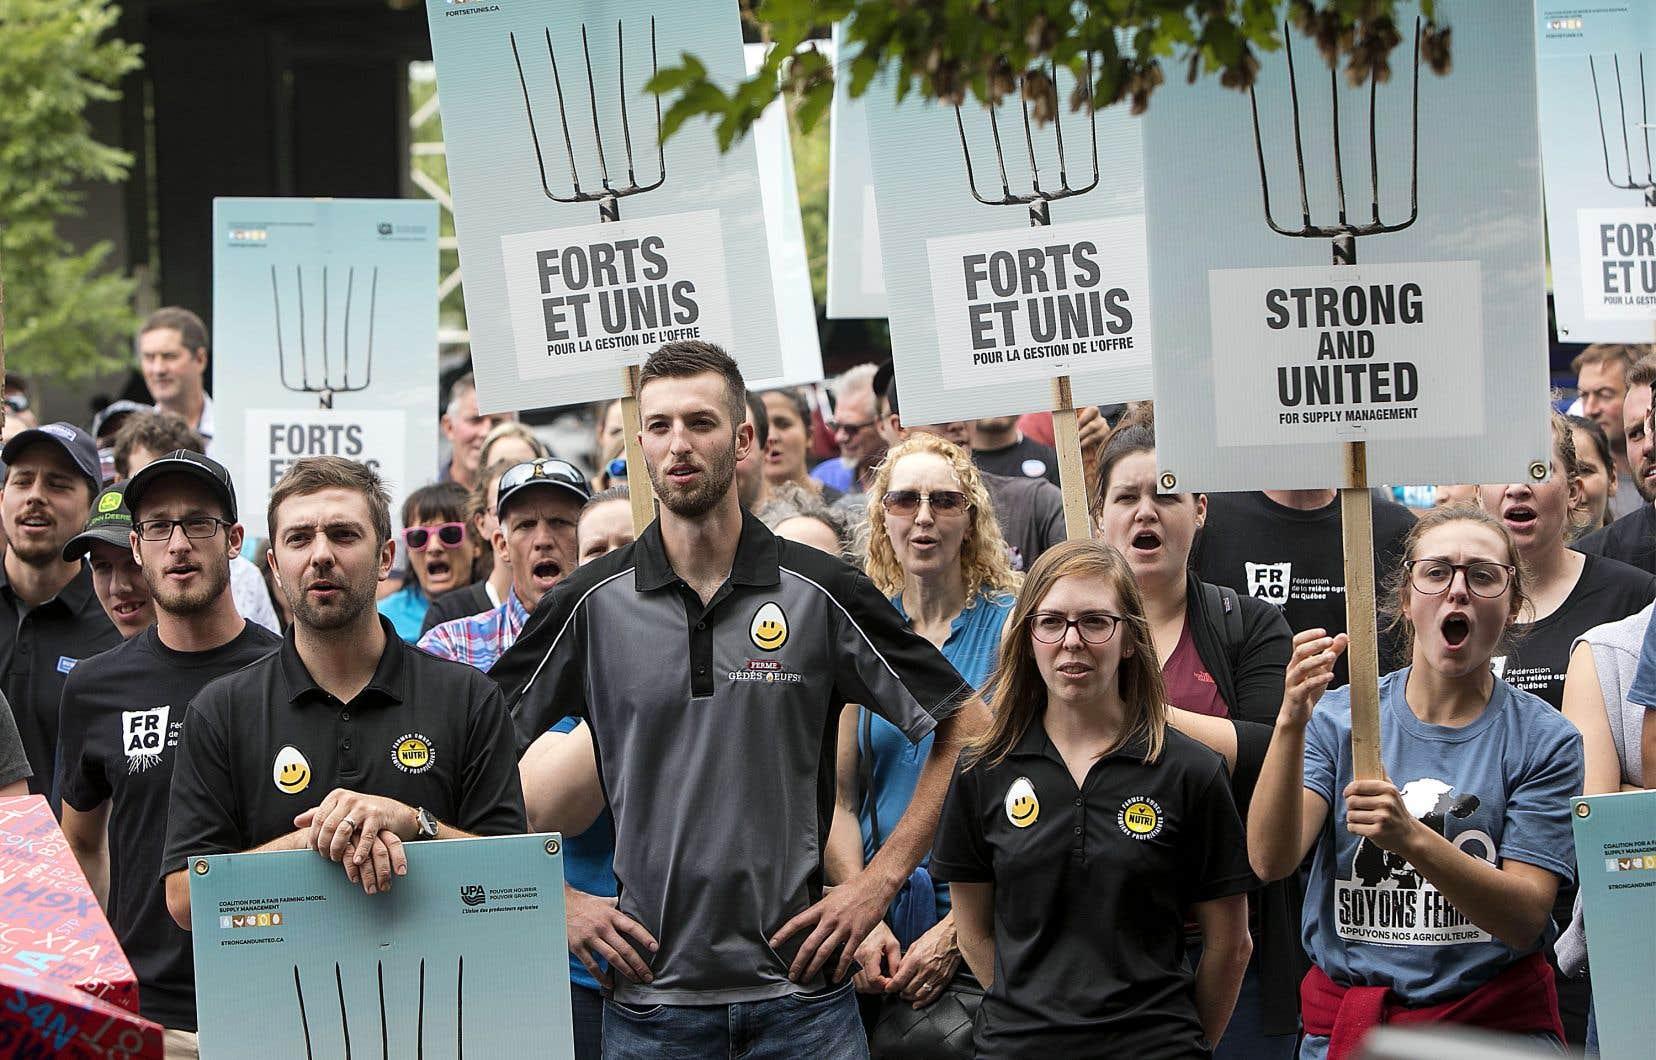 À Montréal, quelques centaines de jeunes producteurs agricoles ont marché vers les bureaux montréalais du premier ministre Justin Trudeau, jeudi, pour réclamer le maintien intégral de la gestion de l'offre.